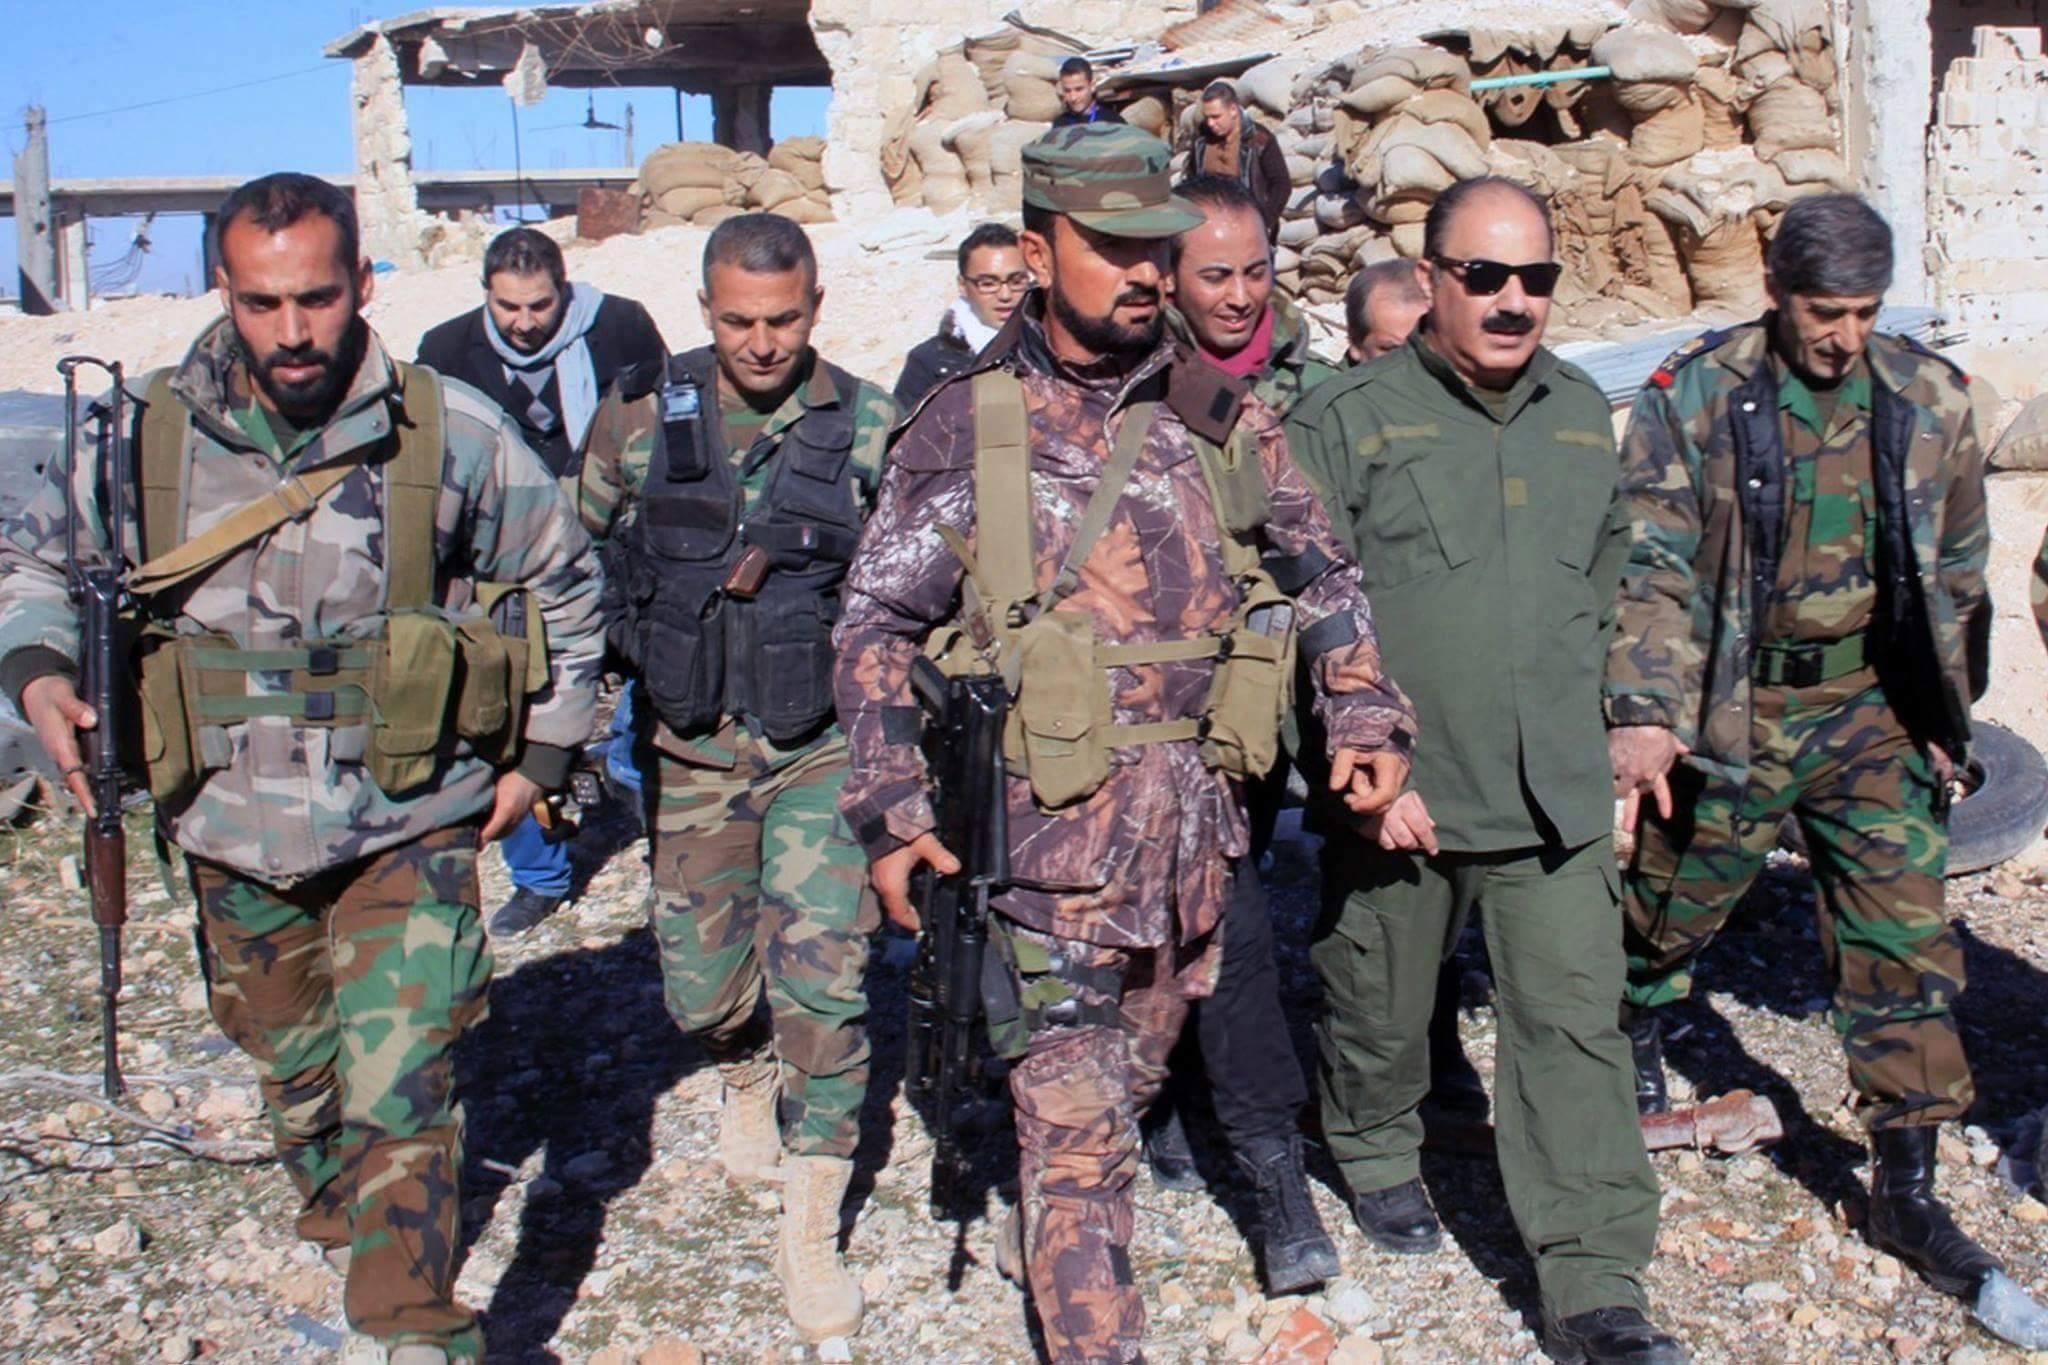 صورة الأمم المتحدة: الأسد يخطط لنهاية العالم